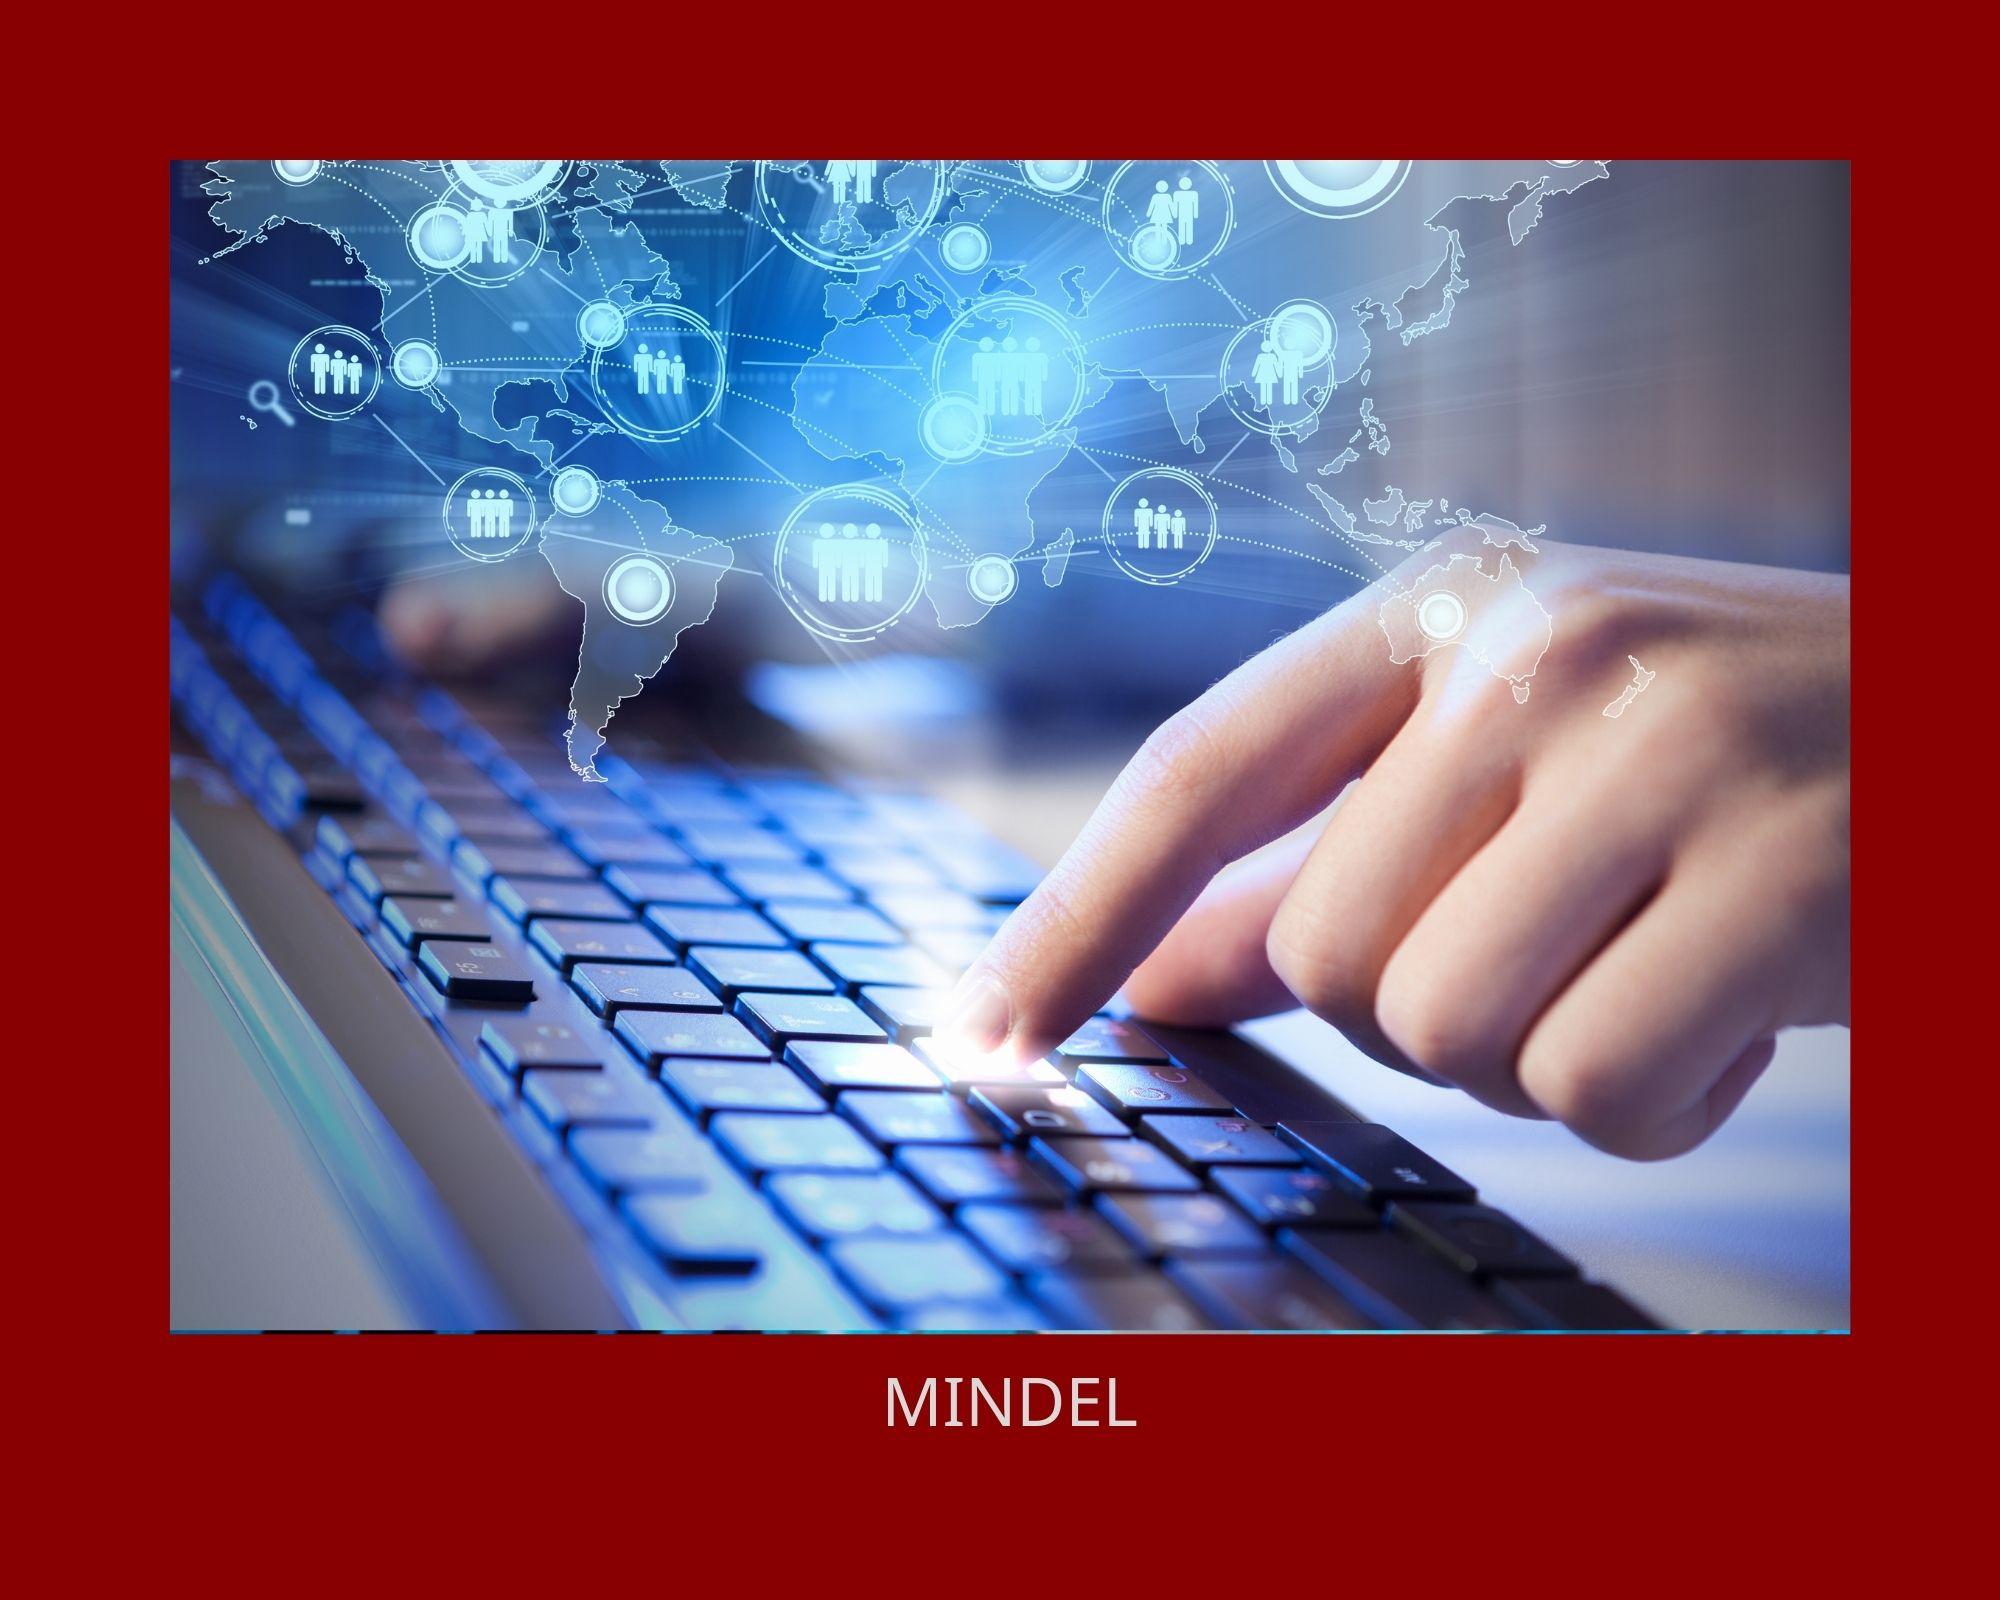 Ηλεκτρονικό Επιχειρήν (e-business)II στην Περιφέρεια Ηπείρου